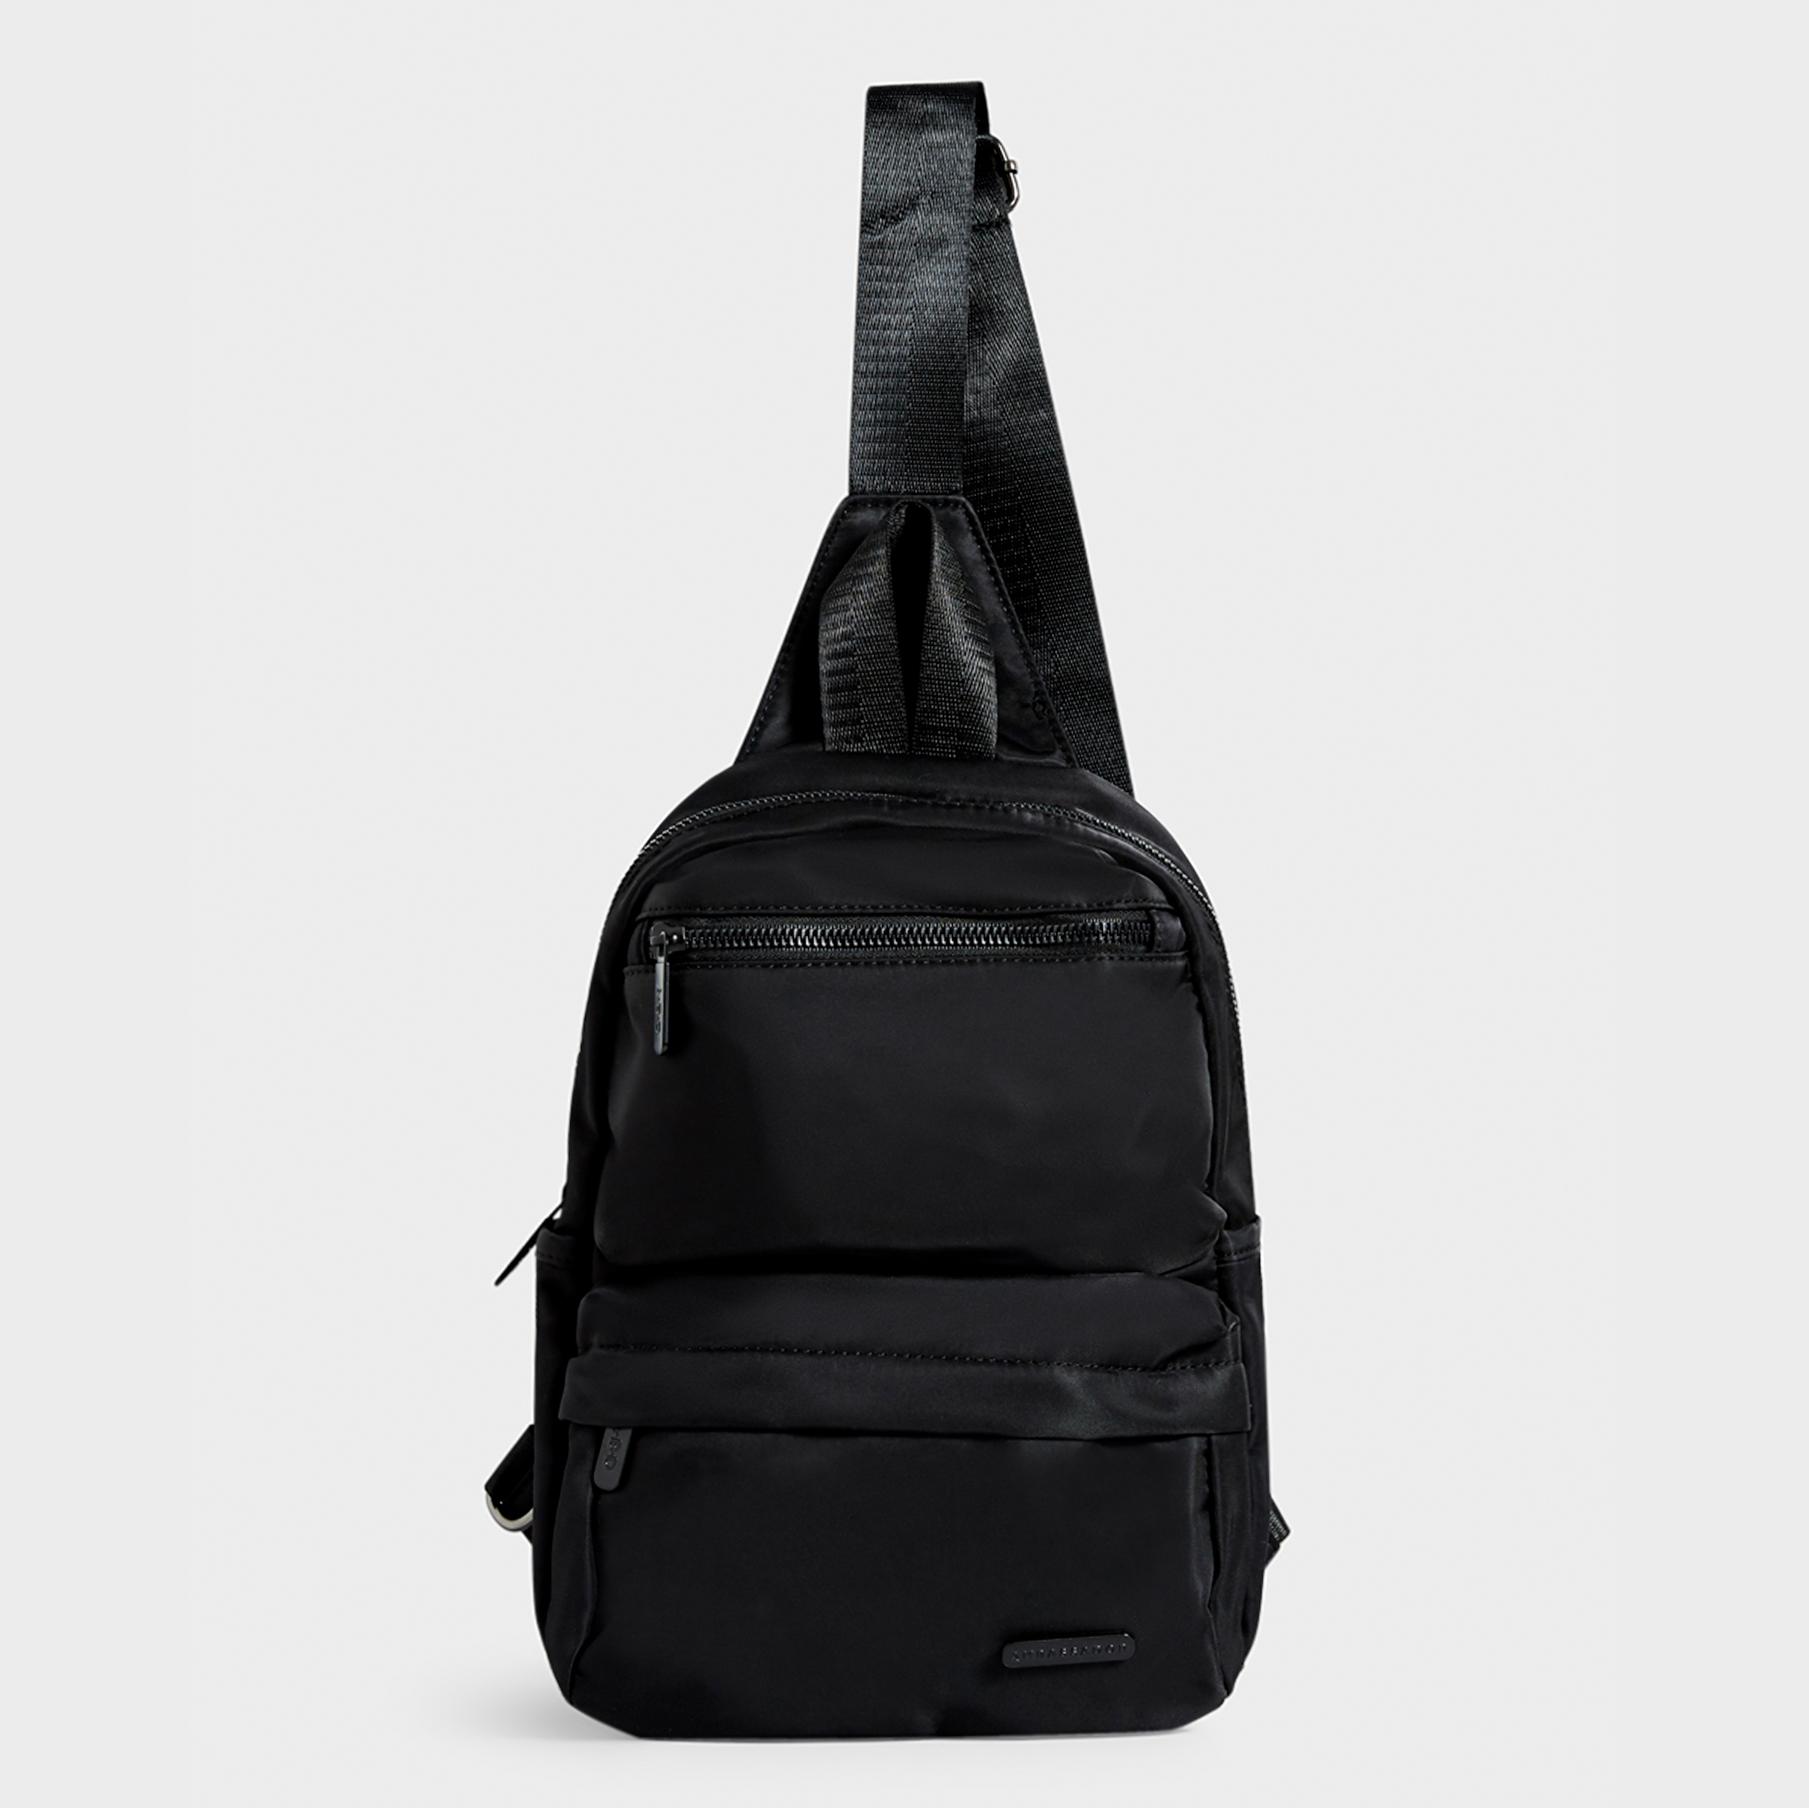 WEEKEND SLING BAG : Black